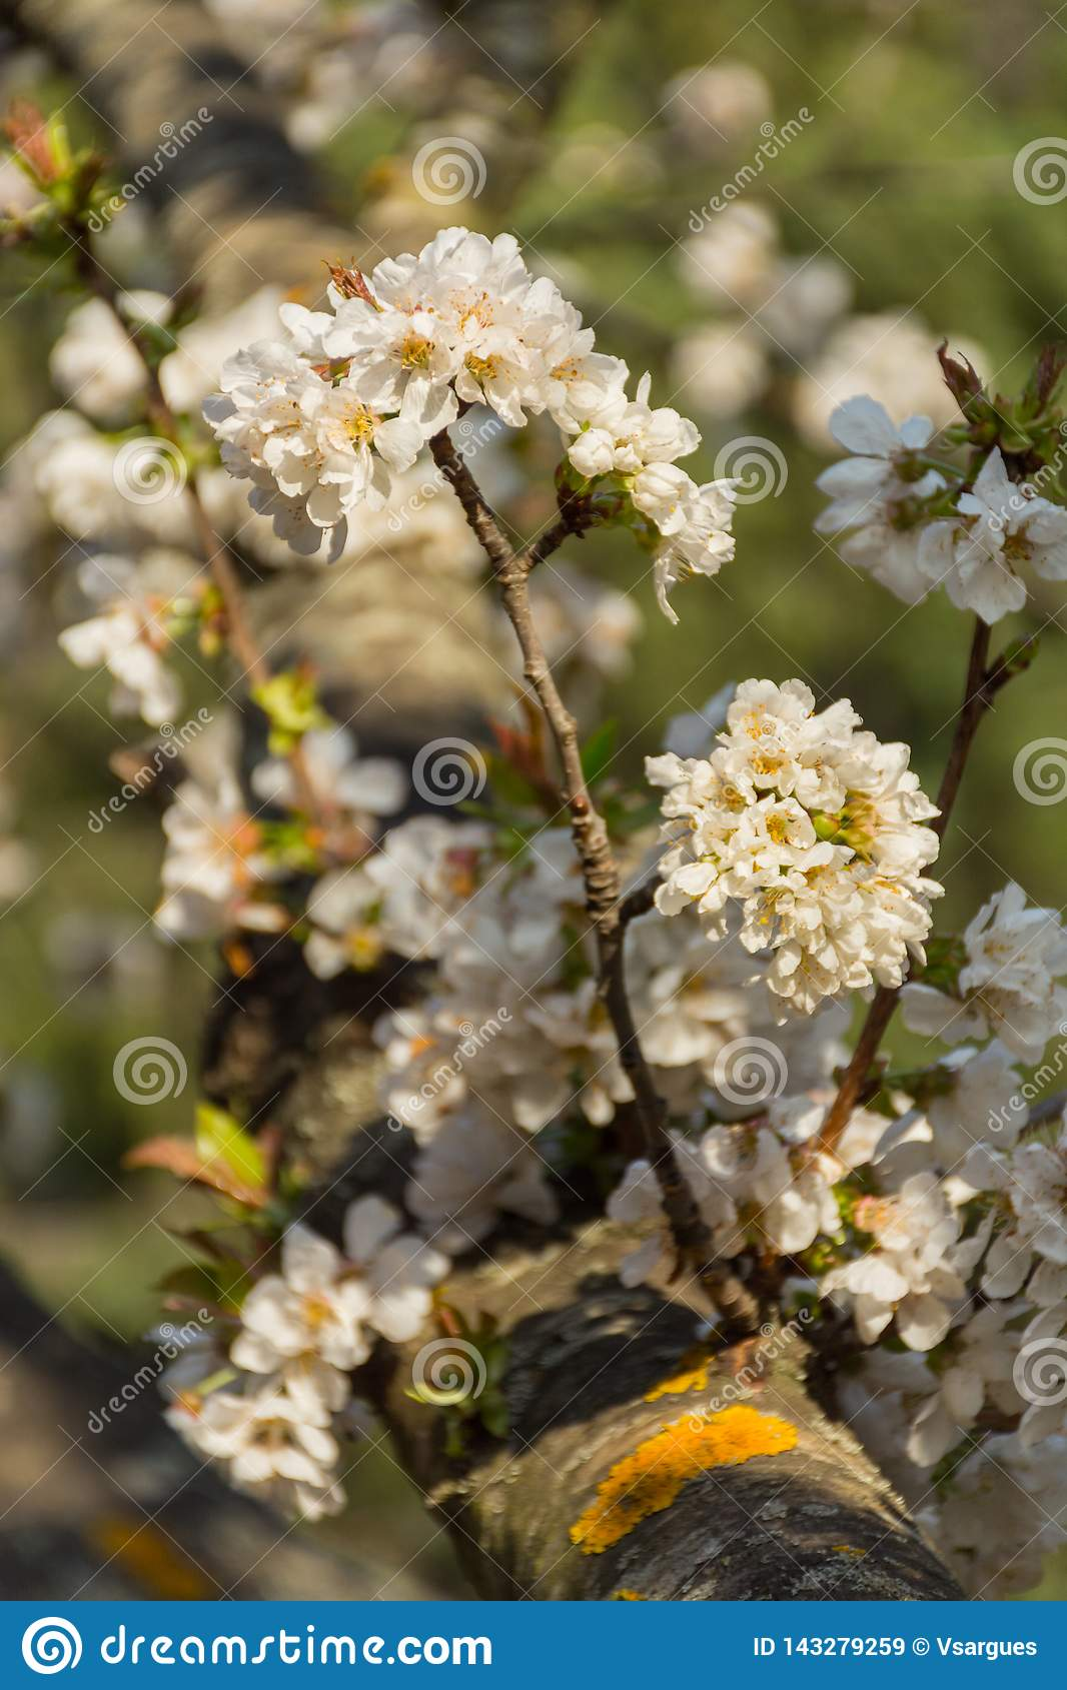 Άσπρα λουλούδια του οπωρωφόρου δέντρου σε έναν κλάδο